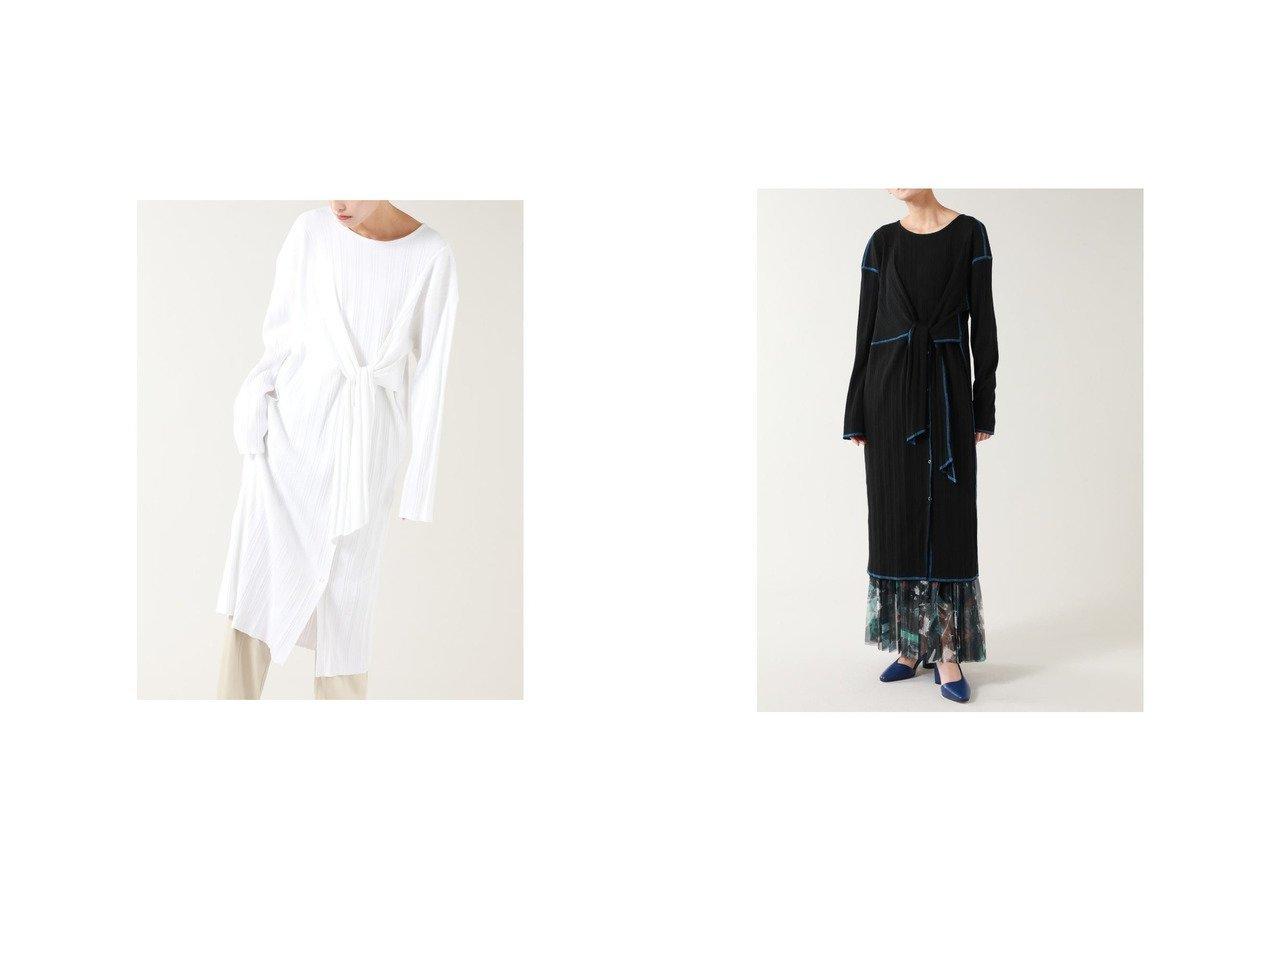 【ROSE BUD/ローズバッド】のフロントノットリブワンピース ROSE BUDのおすすめ!人気、トレンド・レディースファッションの通販 おすすめで人気の流行・トレンド、ファッションの通販商品 メンズファッション・キッズファッション・インテリア・家具・レディースファッション・服の通販 founy(ファニー) https://founy.com/ ファッション Fashion レディースファッション WOMEN ワンピース Dress 春 Spring シンプル スタンダード スリット トリミング ドット ドレープ フロント プリーツ ボトム ロング 2021年 2021 S/S 春夏 SS Spring/Summer 2021 春夏 S/S SS Spring/Summer 2021 |ID:crp329100000018484